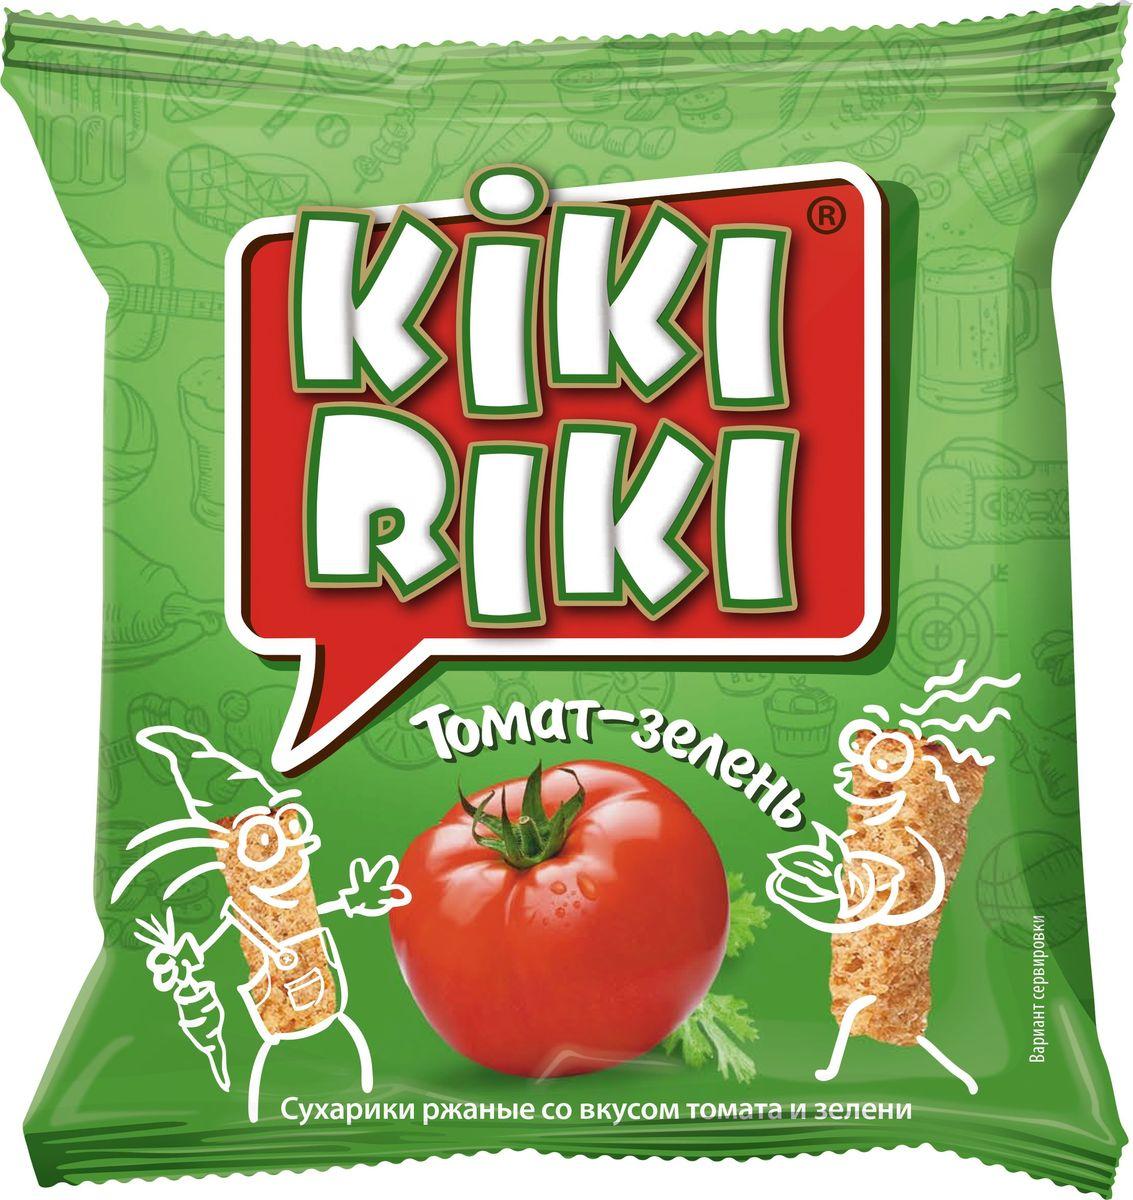 Сухарики ржано-пшеничные со вкусом томата и зелени